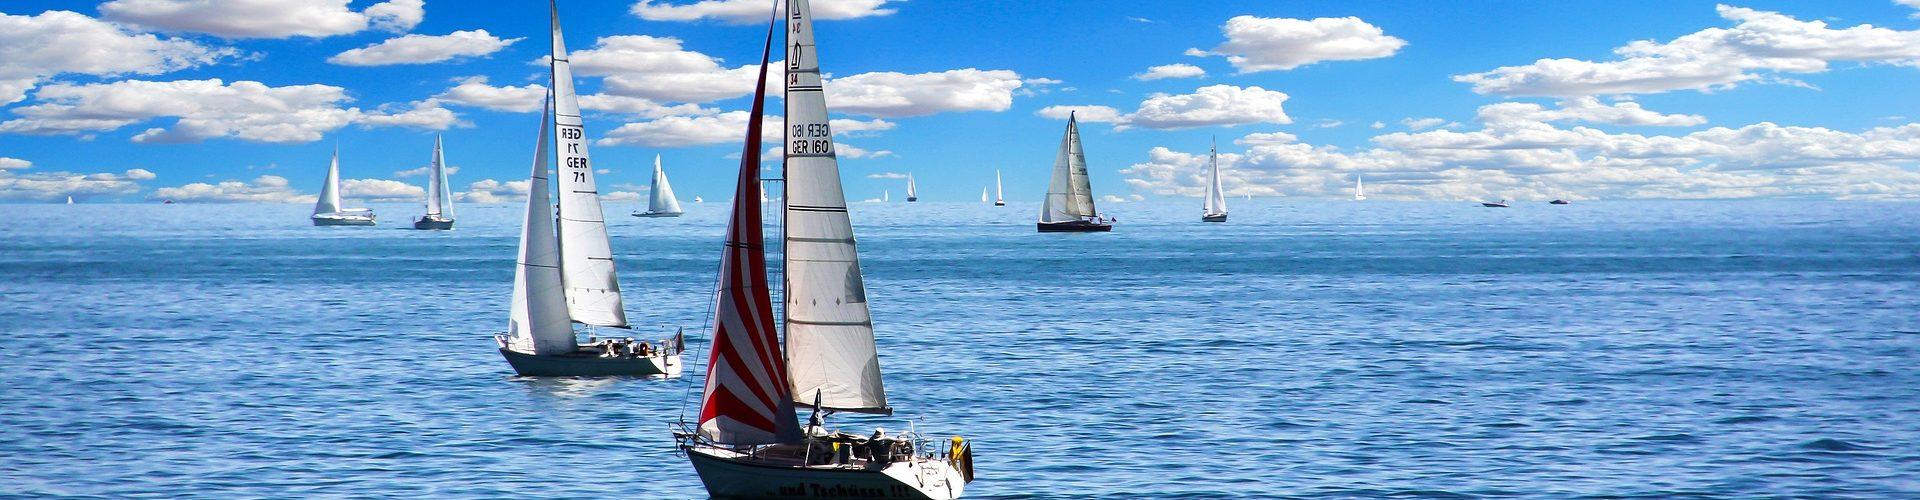 segeln lernen in Kahl am Main segelschein machen in Kahl am Main 1920x500 - Segeln lernen in Kahl am Main